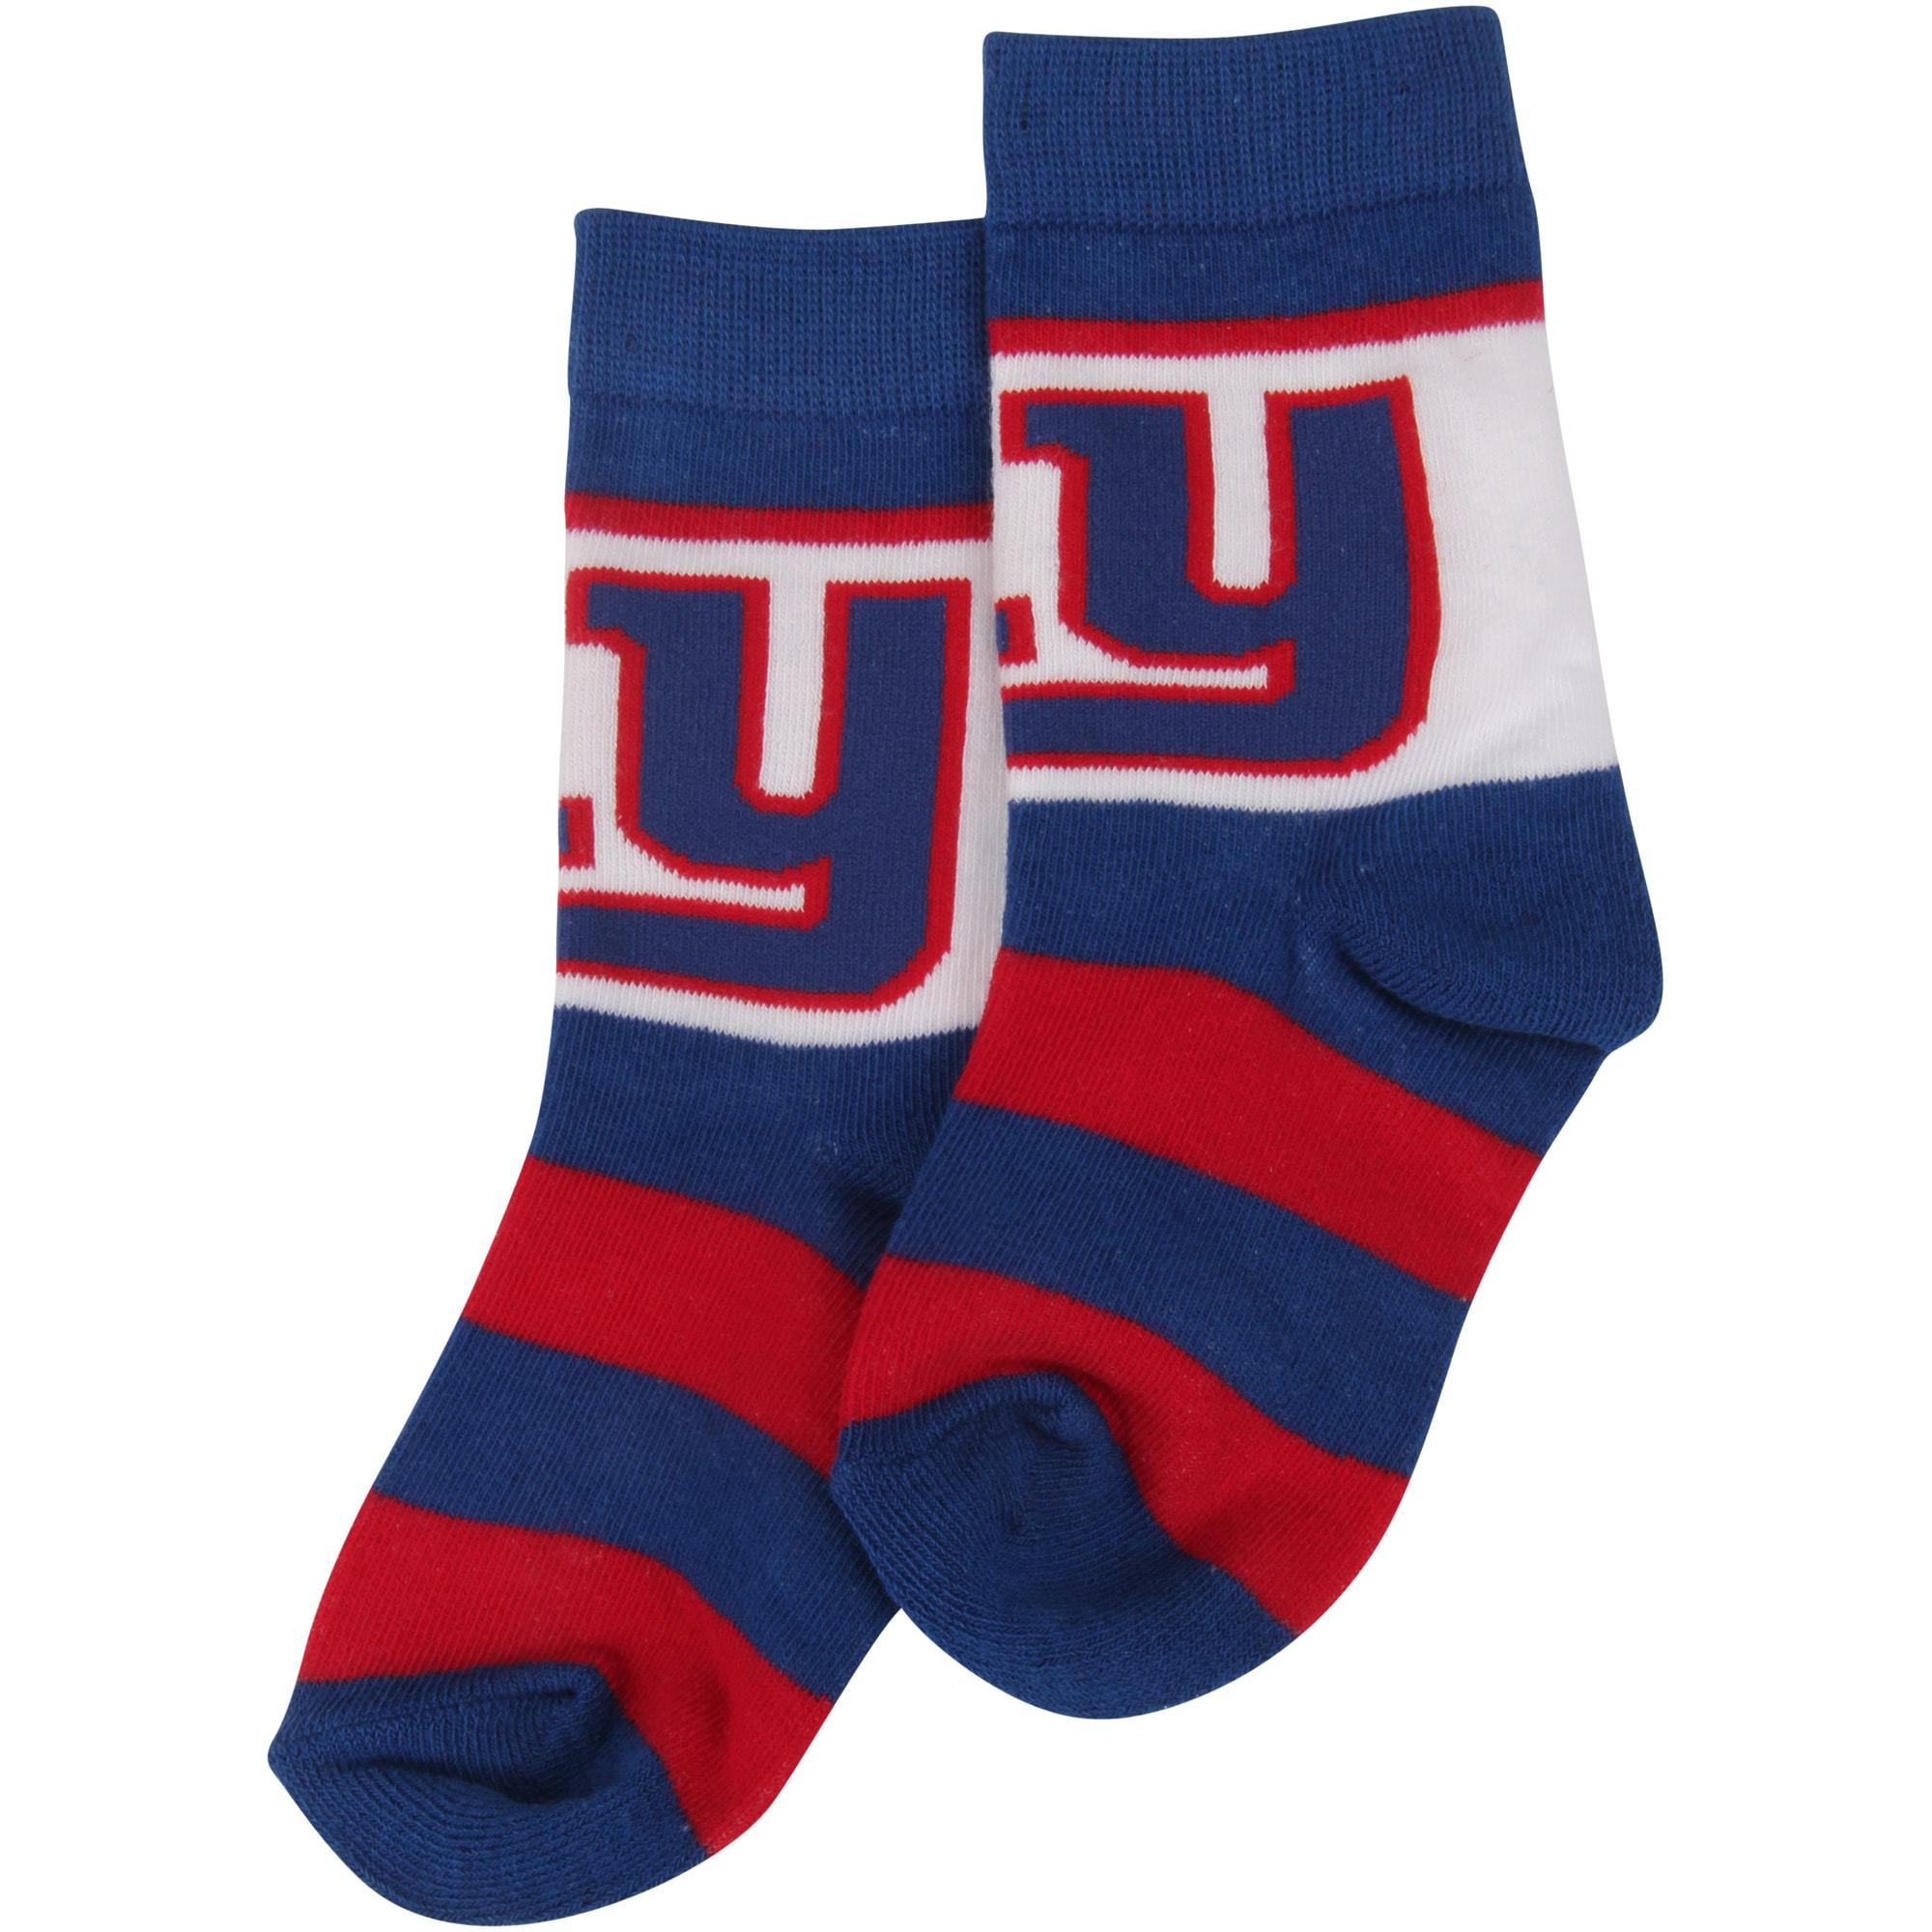 New York Giants For Bare Feet Toddler Rugby Block Socks